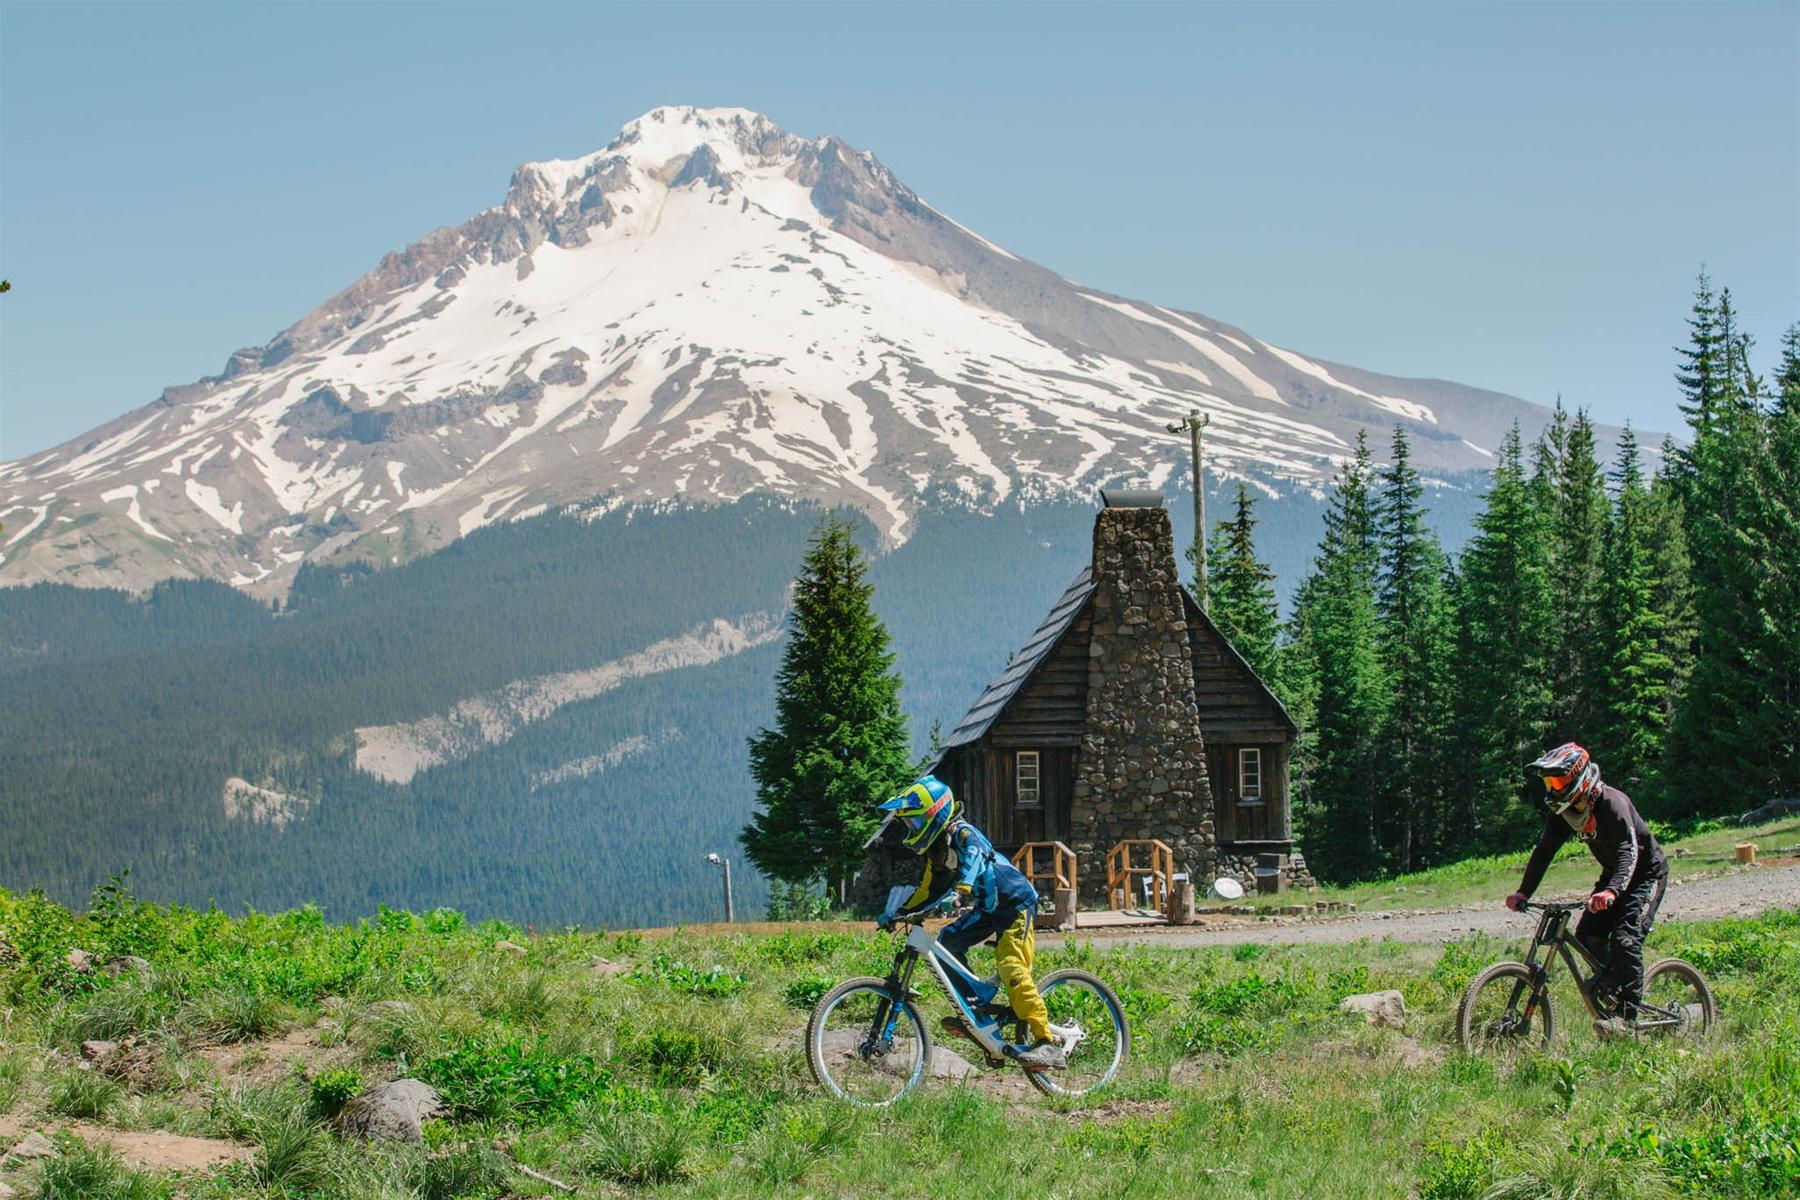 Mountain Biking at Mt. Hood Skibowl